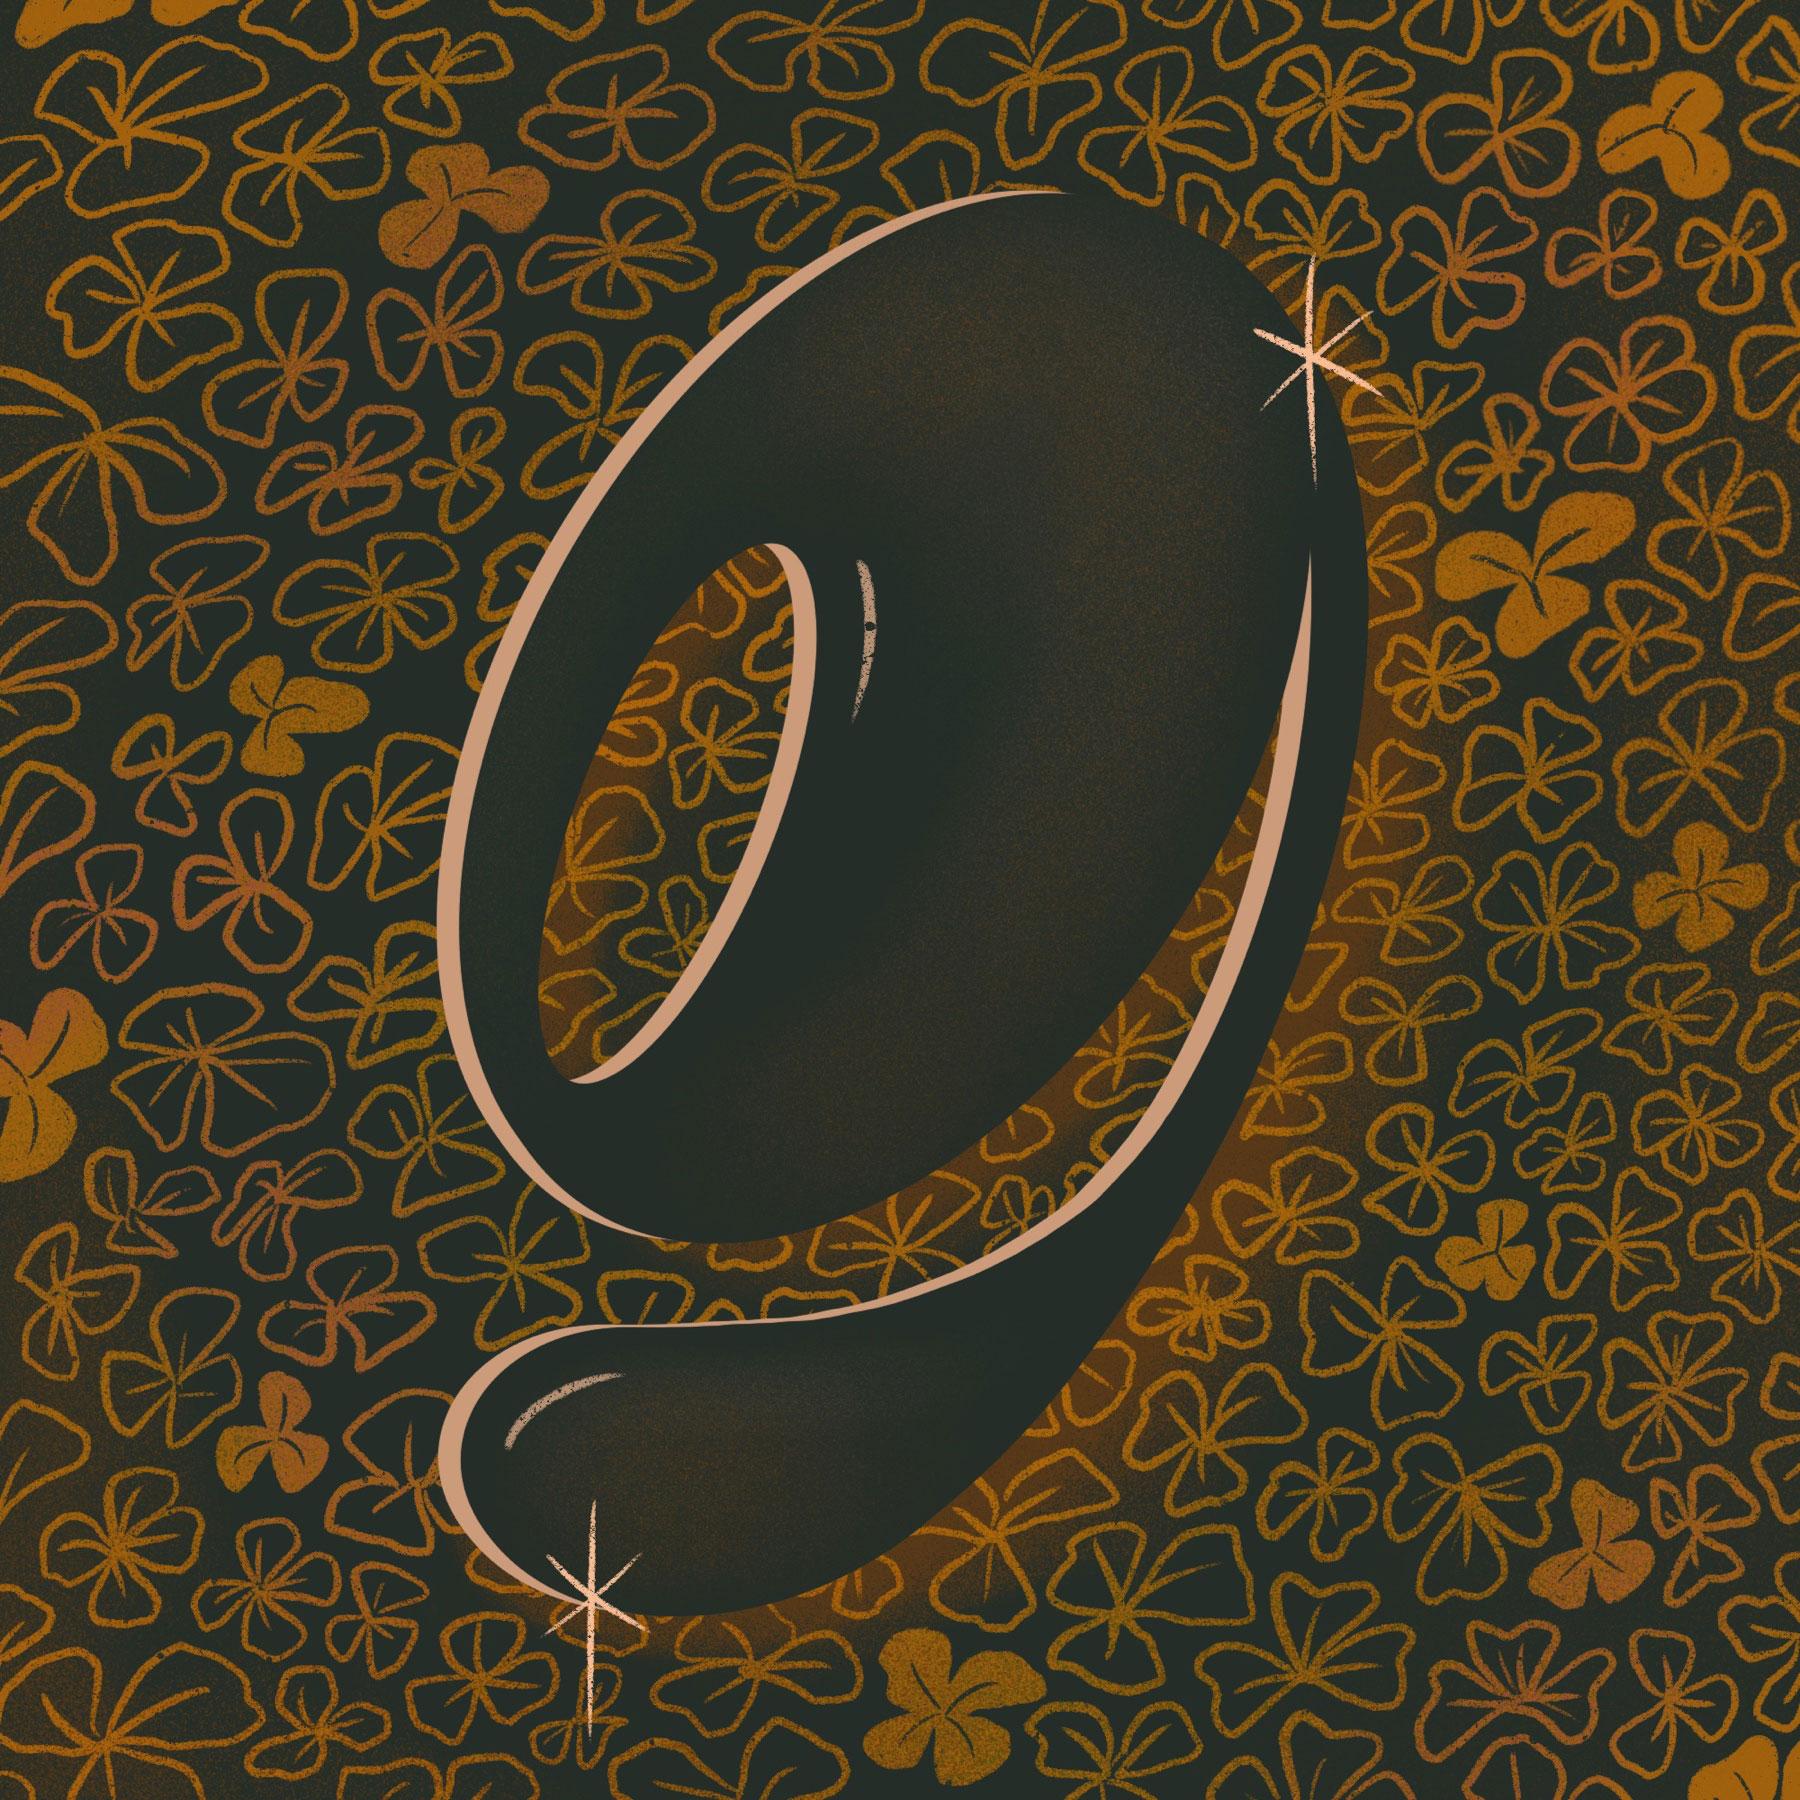 9 — Clover